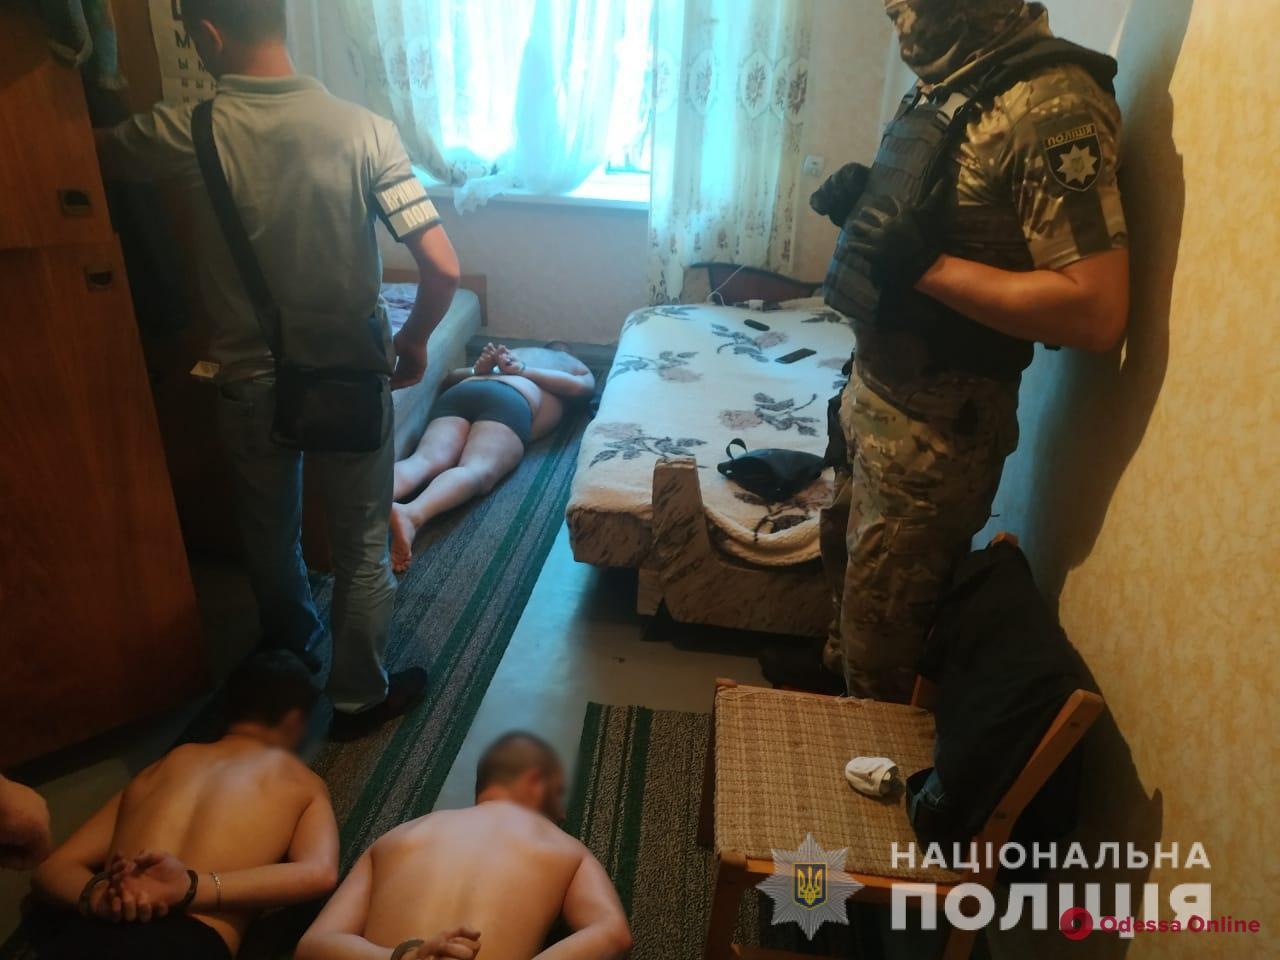 Забрали документы и 10 тысяч евро: в Одесской области задержали разбойников